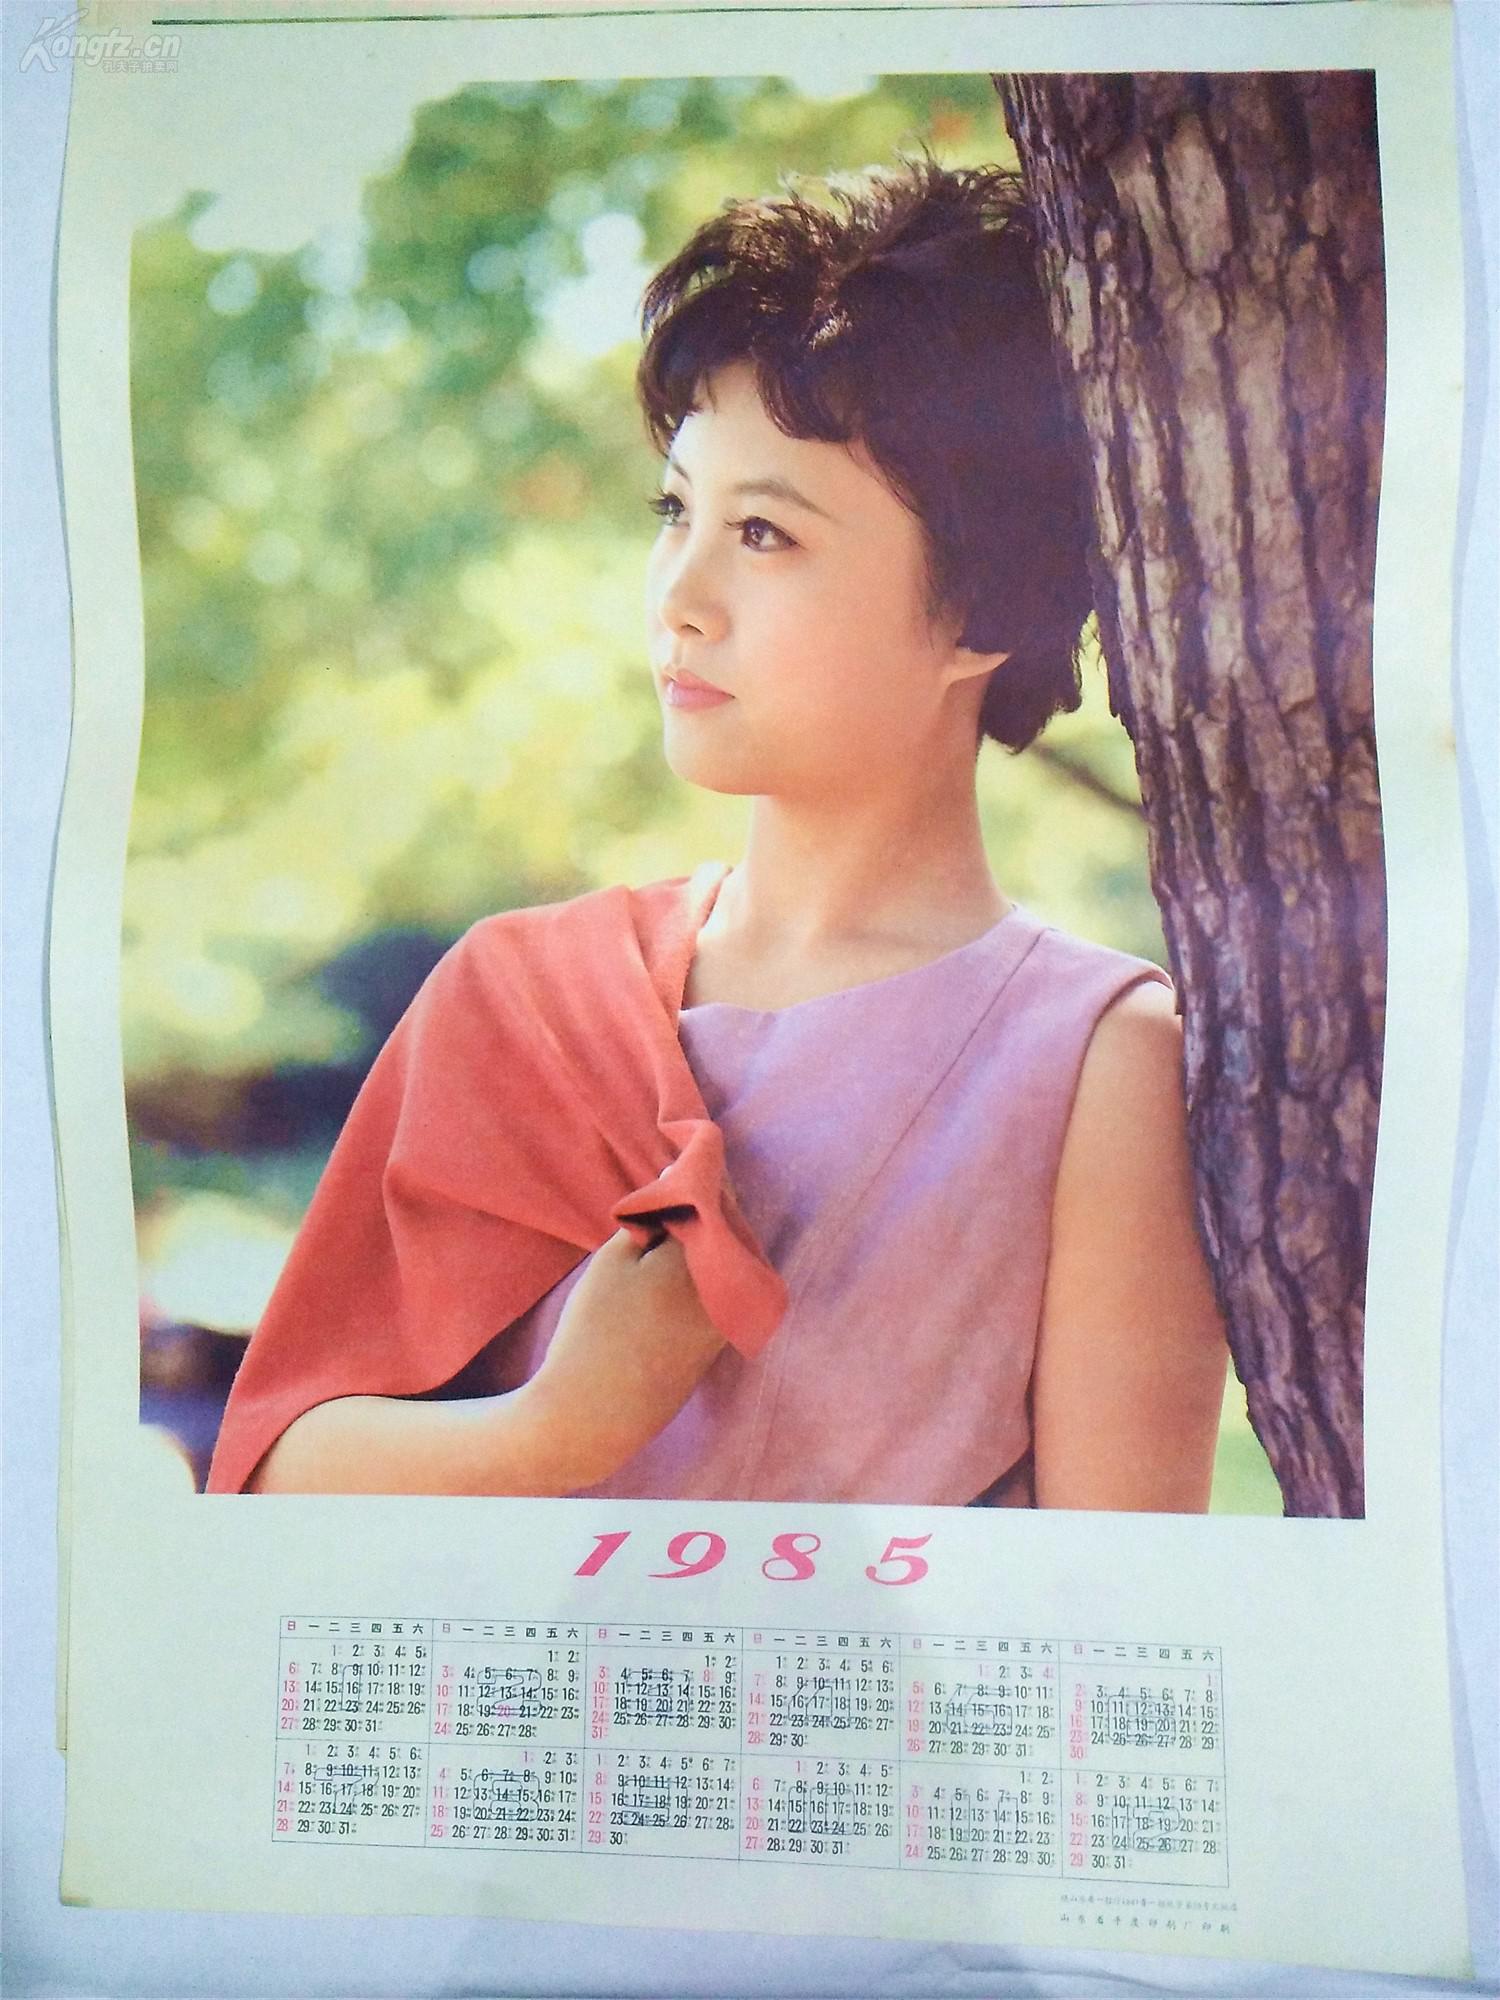 1985年年画美女图片疼闹肚子肚子美女依树年历图片